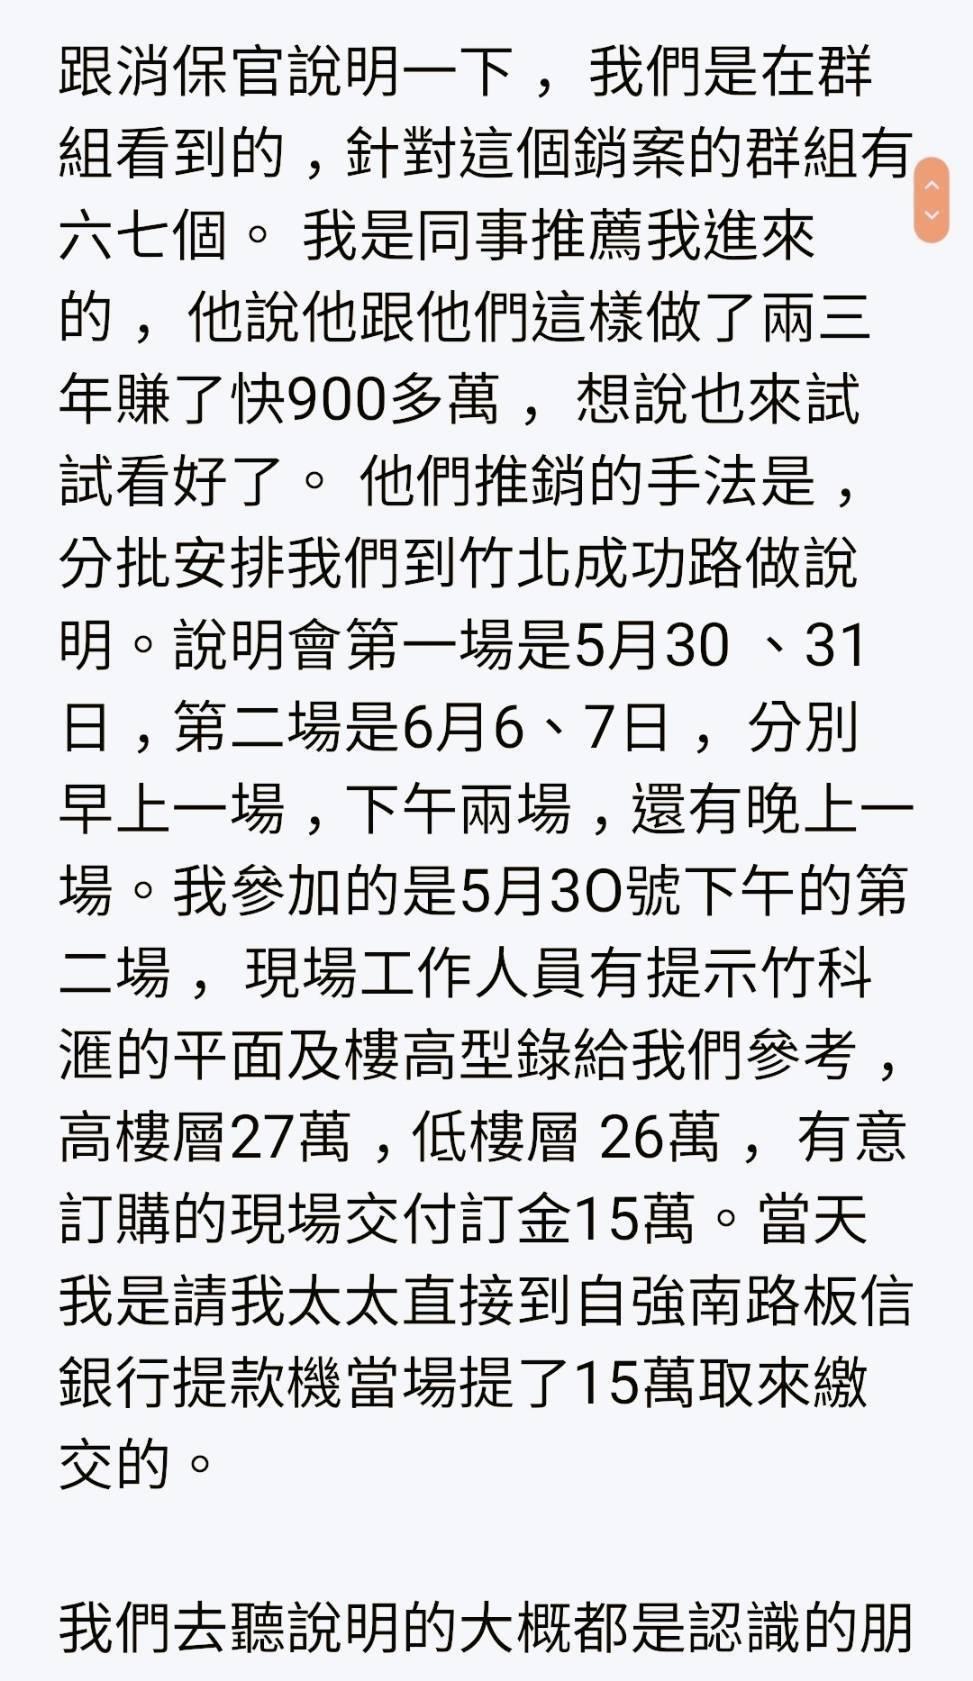 爆料民眾指出,群組有成員2、3年就賺了近900萬,也舉辦多場說明會吸引民眾付訂金...